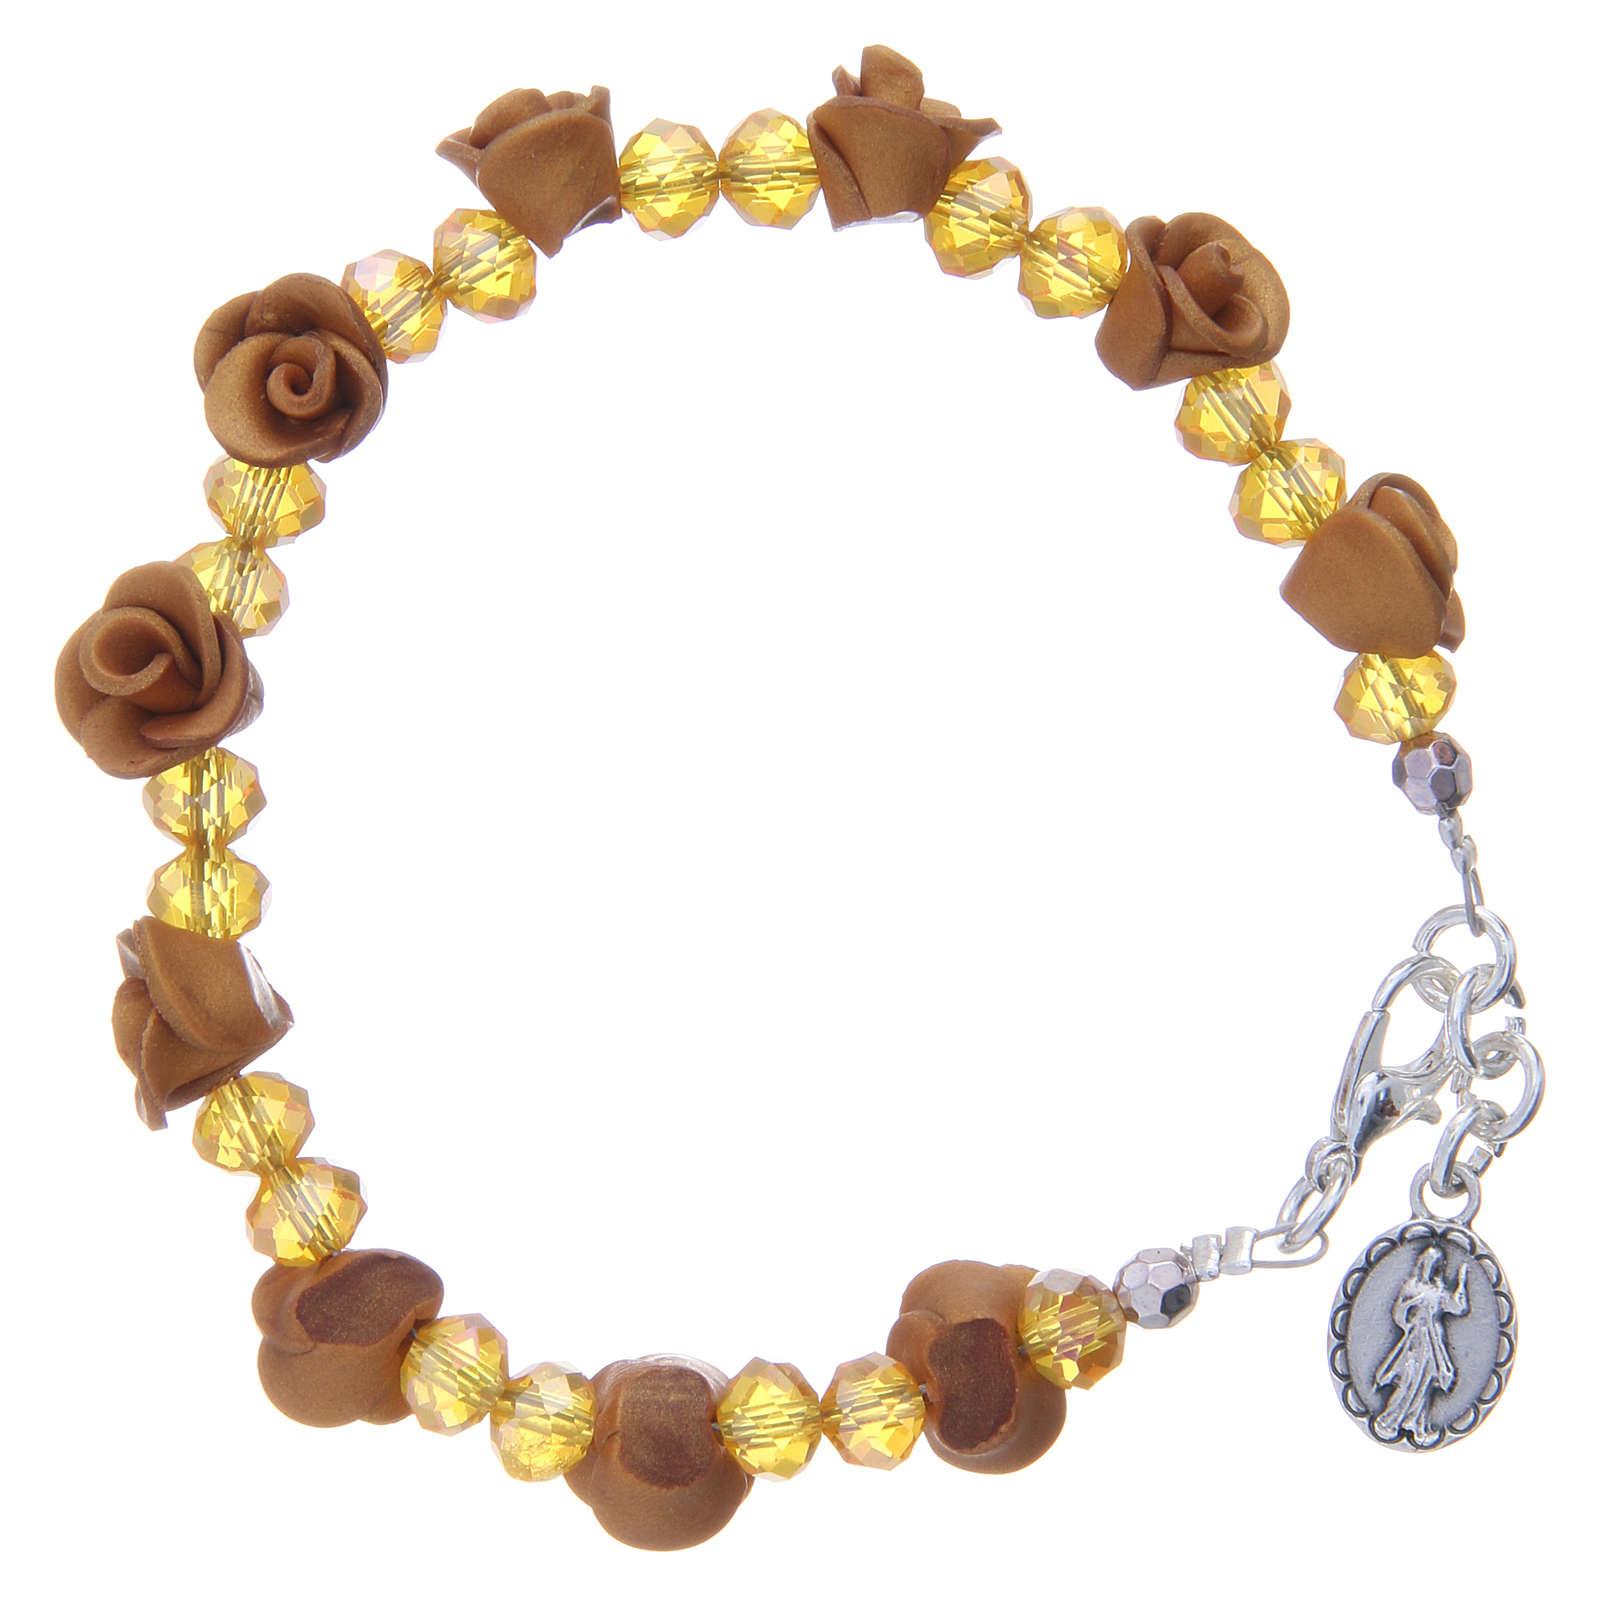 Bracciale Medjugorje color ambra con grani cristallo 4